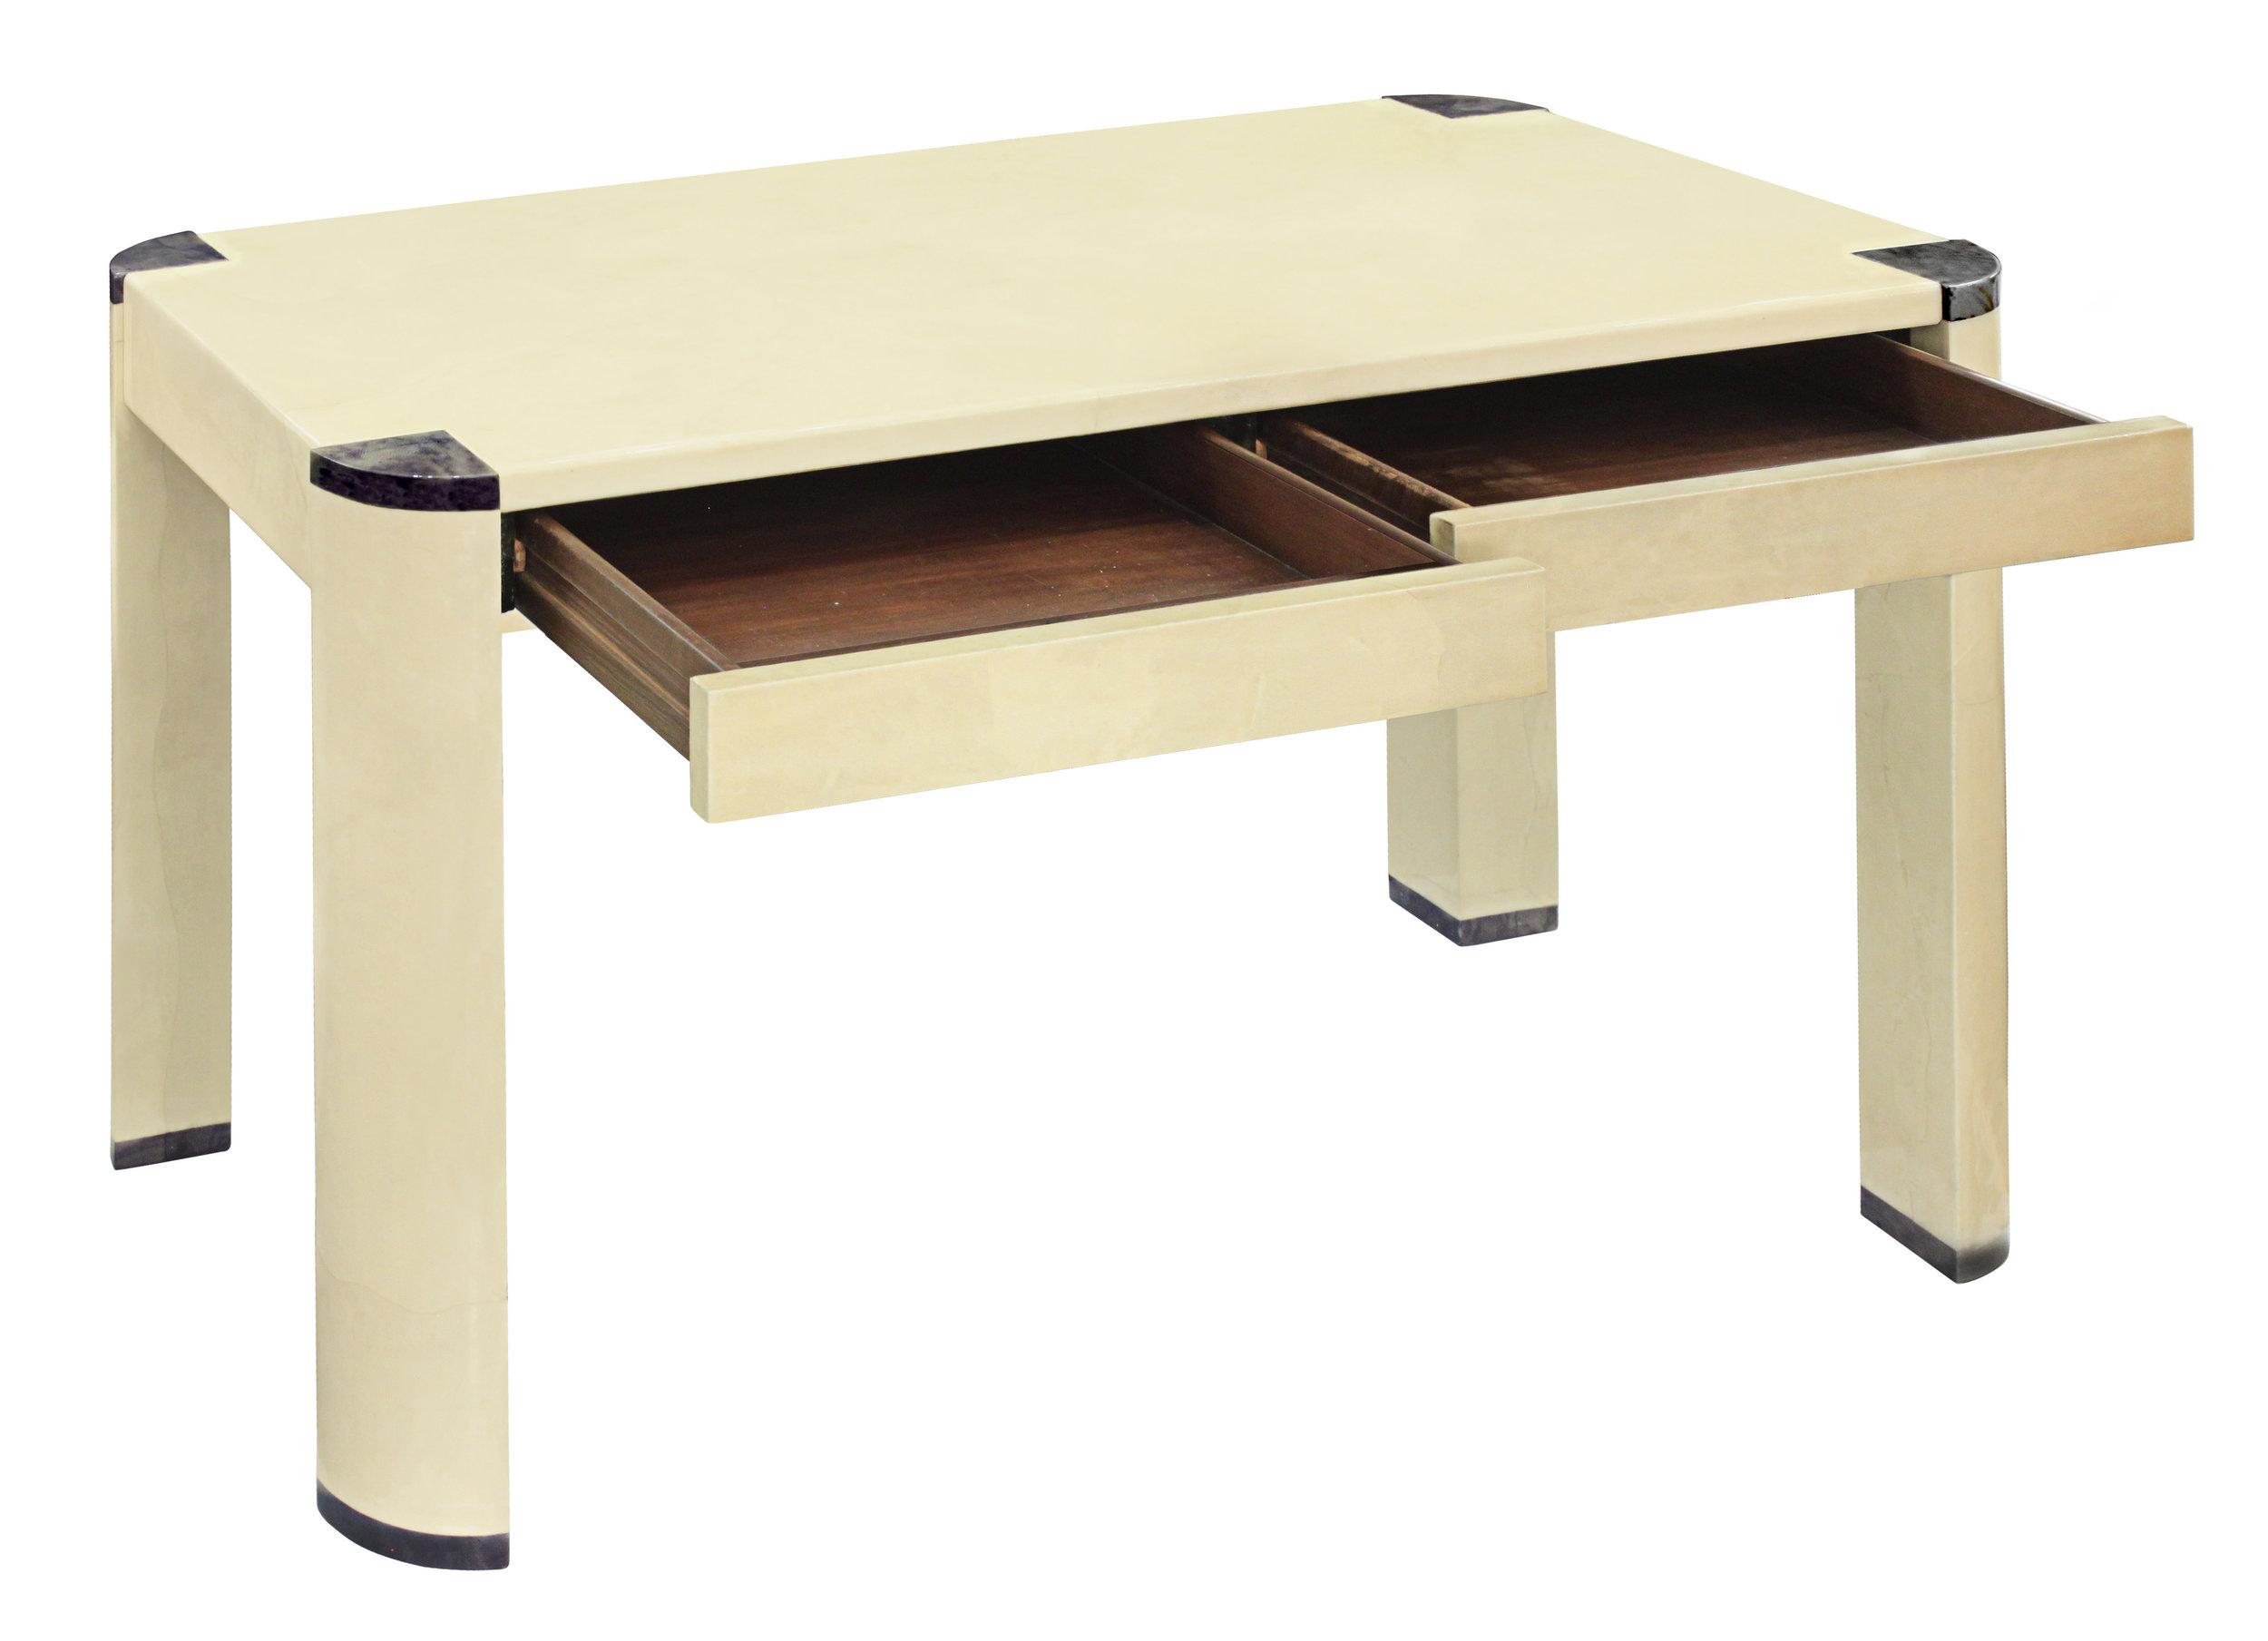 Springer 12 Radius Leg goatskin desk82 detail1 hires.jpg